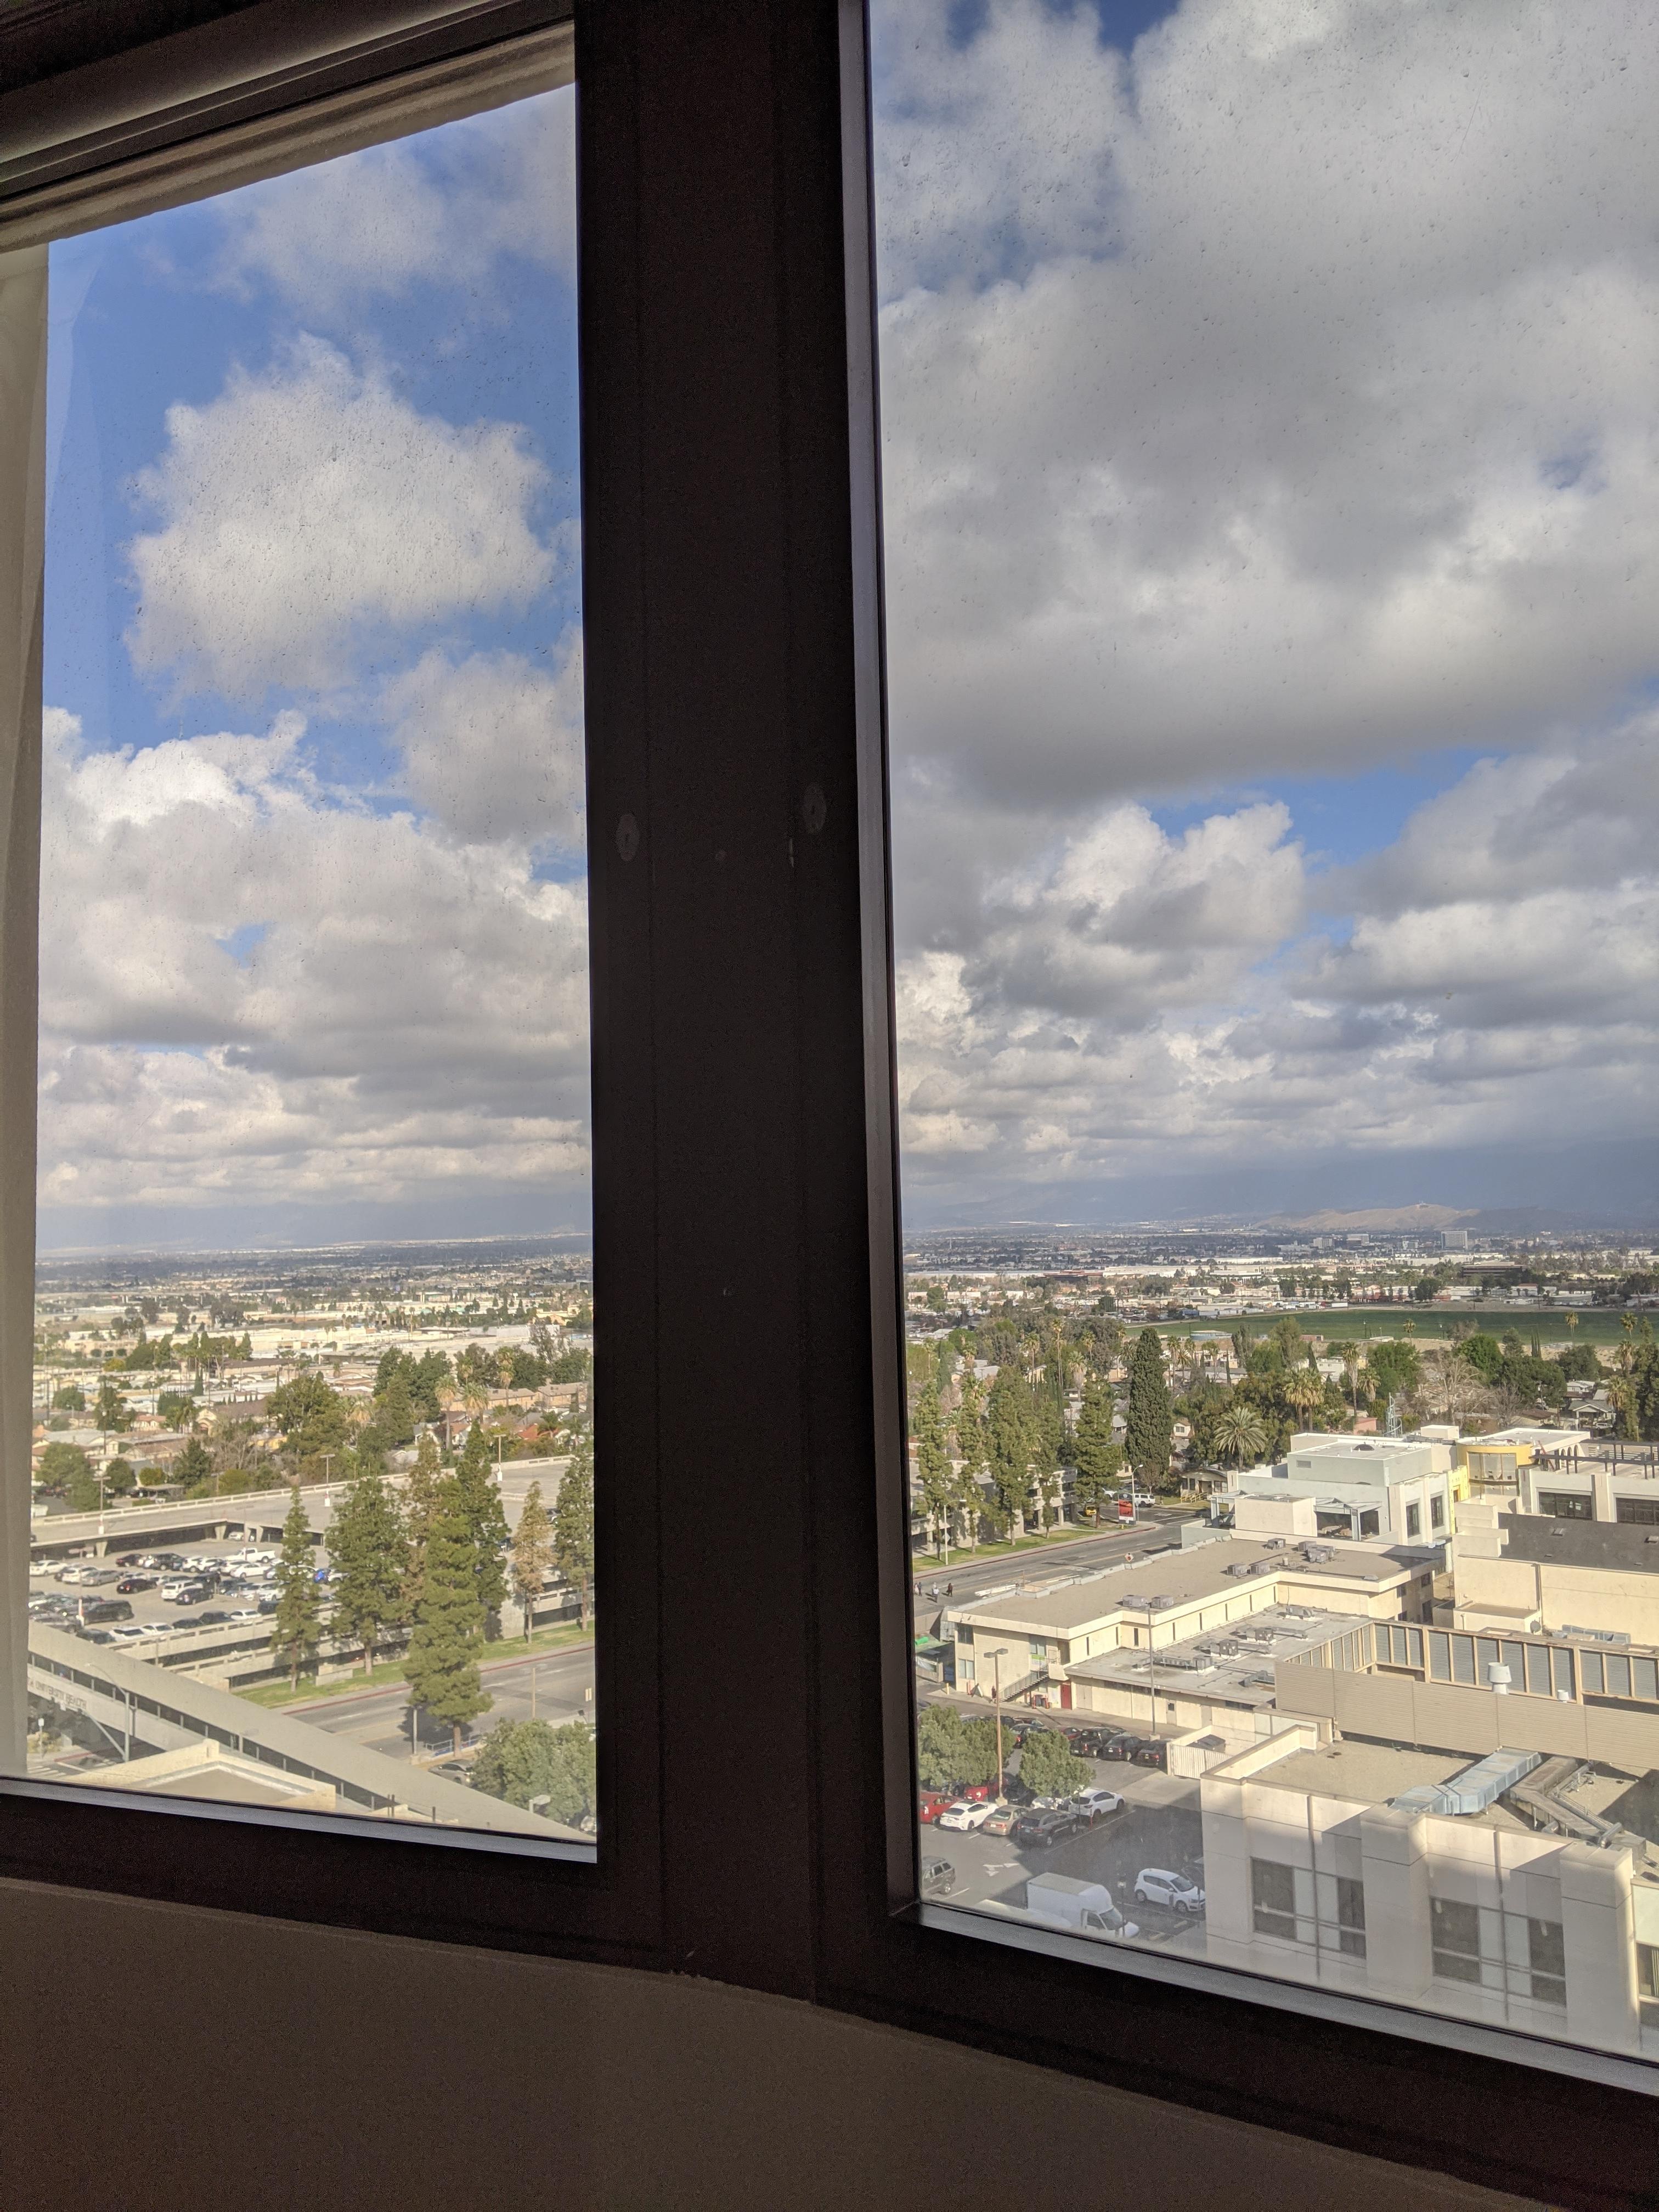 Blick aus dem Fenster eines Krankenhauses